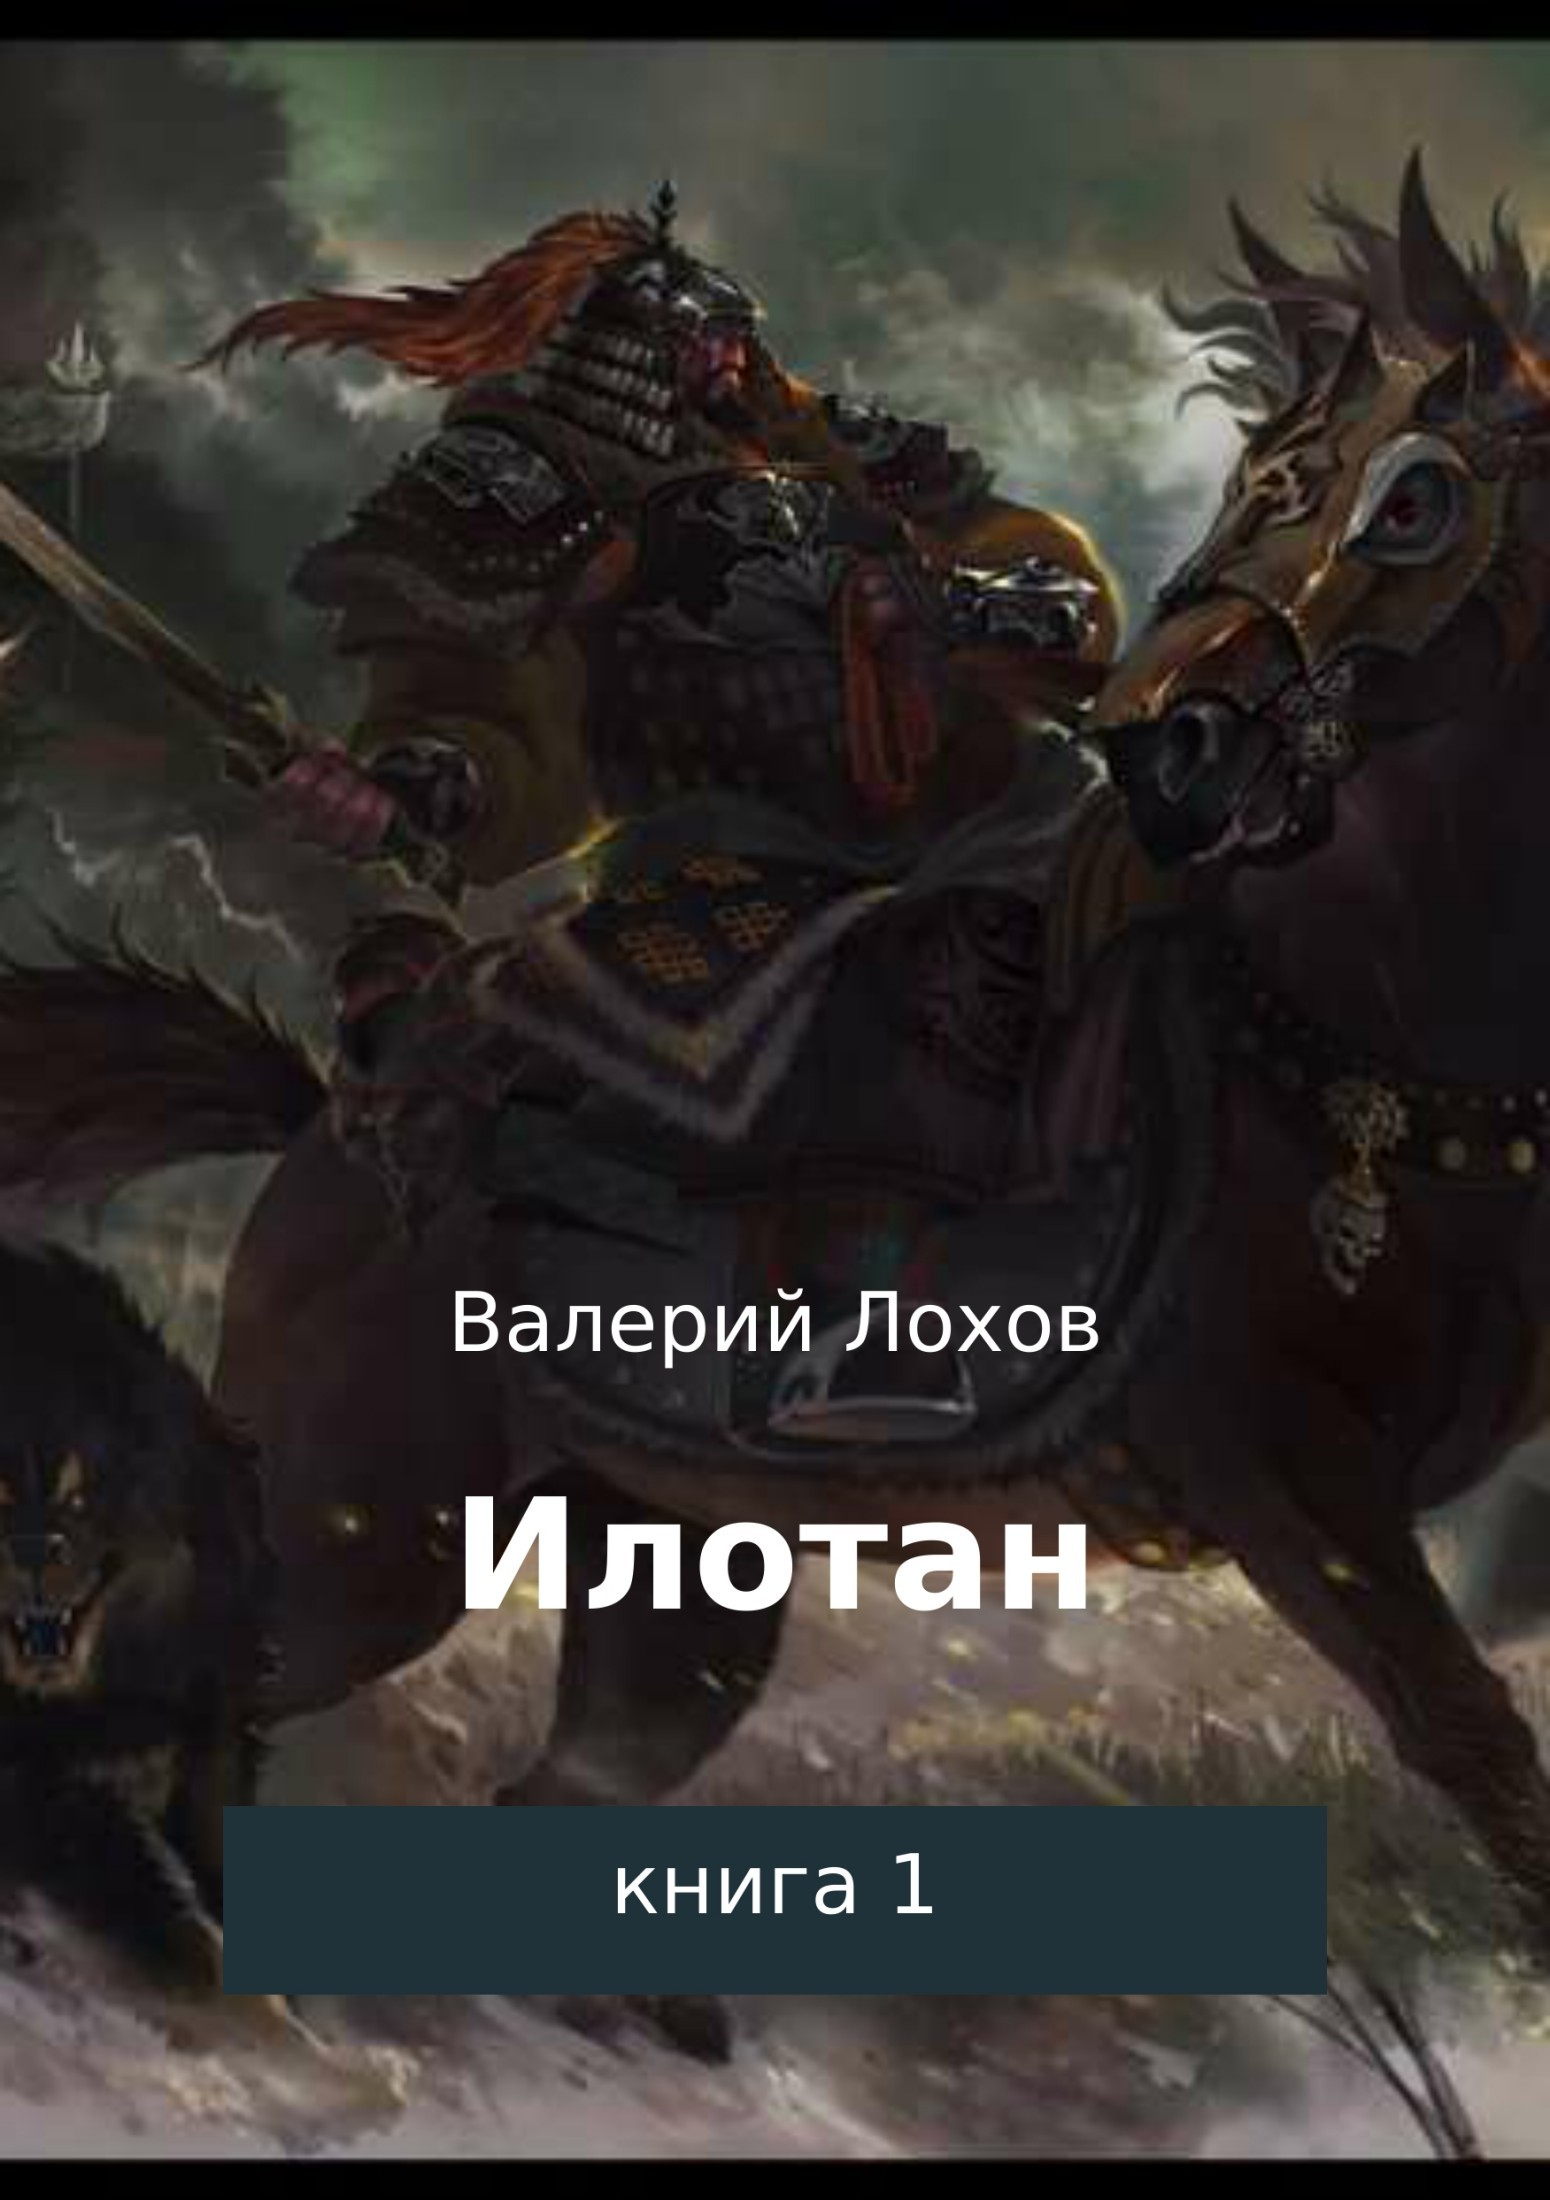 Валерий Лохов - Илотан. Книга 1